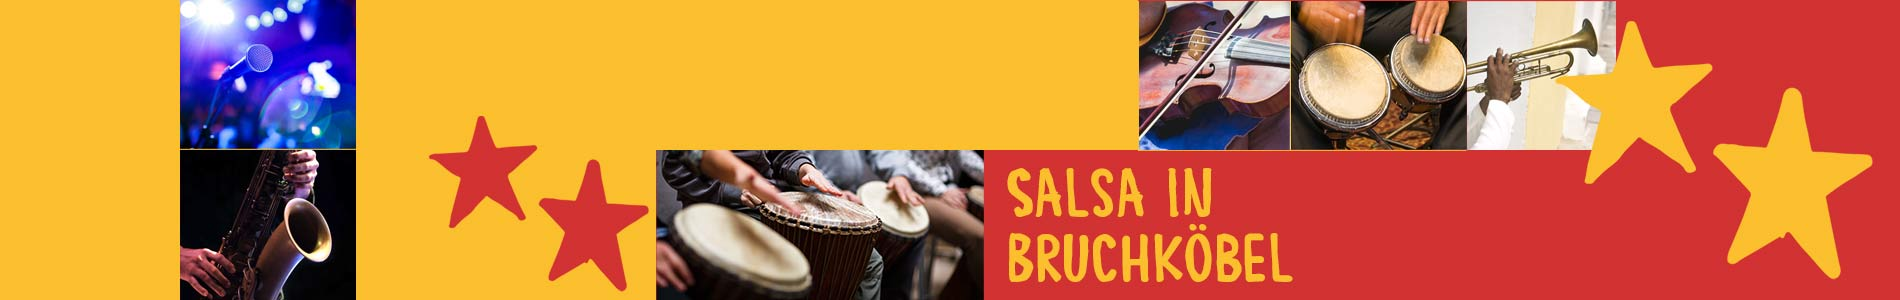 Salsa in Bruchköbel – Salsa lernen und tanzen, Tanzkurse, Partys, Veranstaltungen